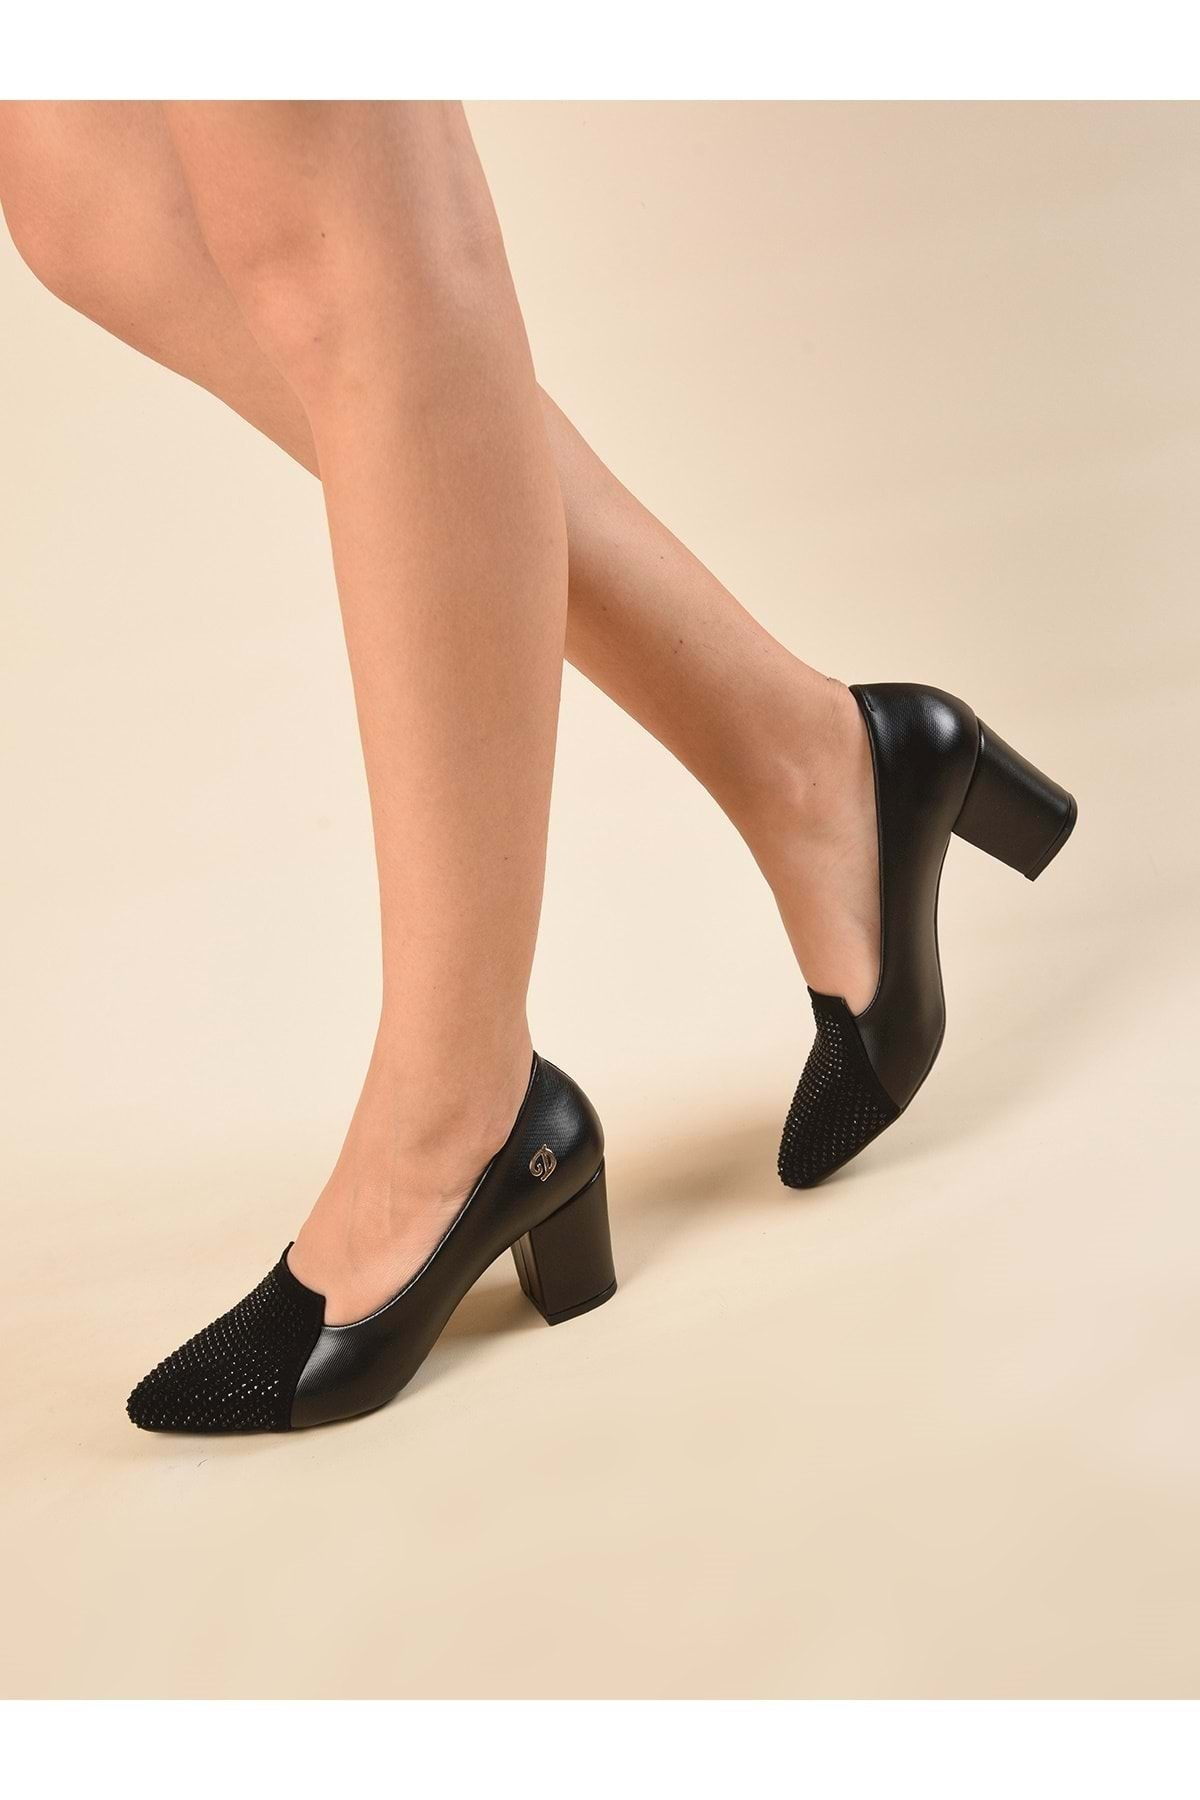 Terzioğlu Ayakkabı Kadın Siyah Parlak Klasik Topuklu Ayakkabı